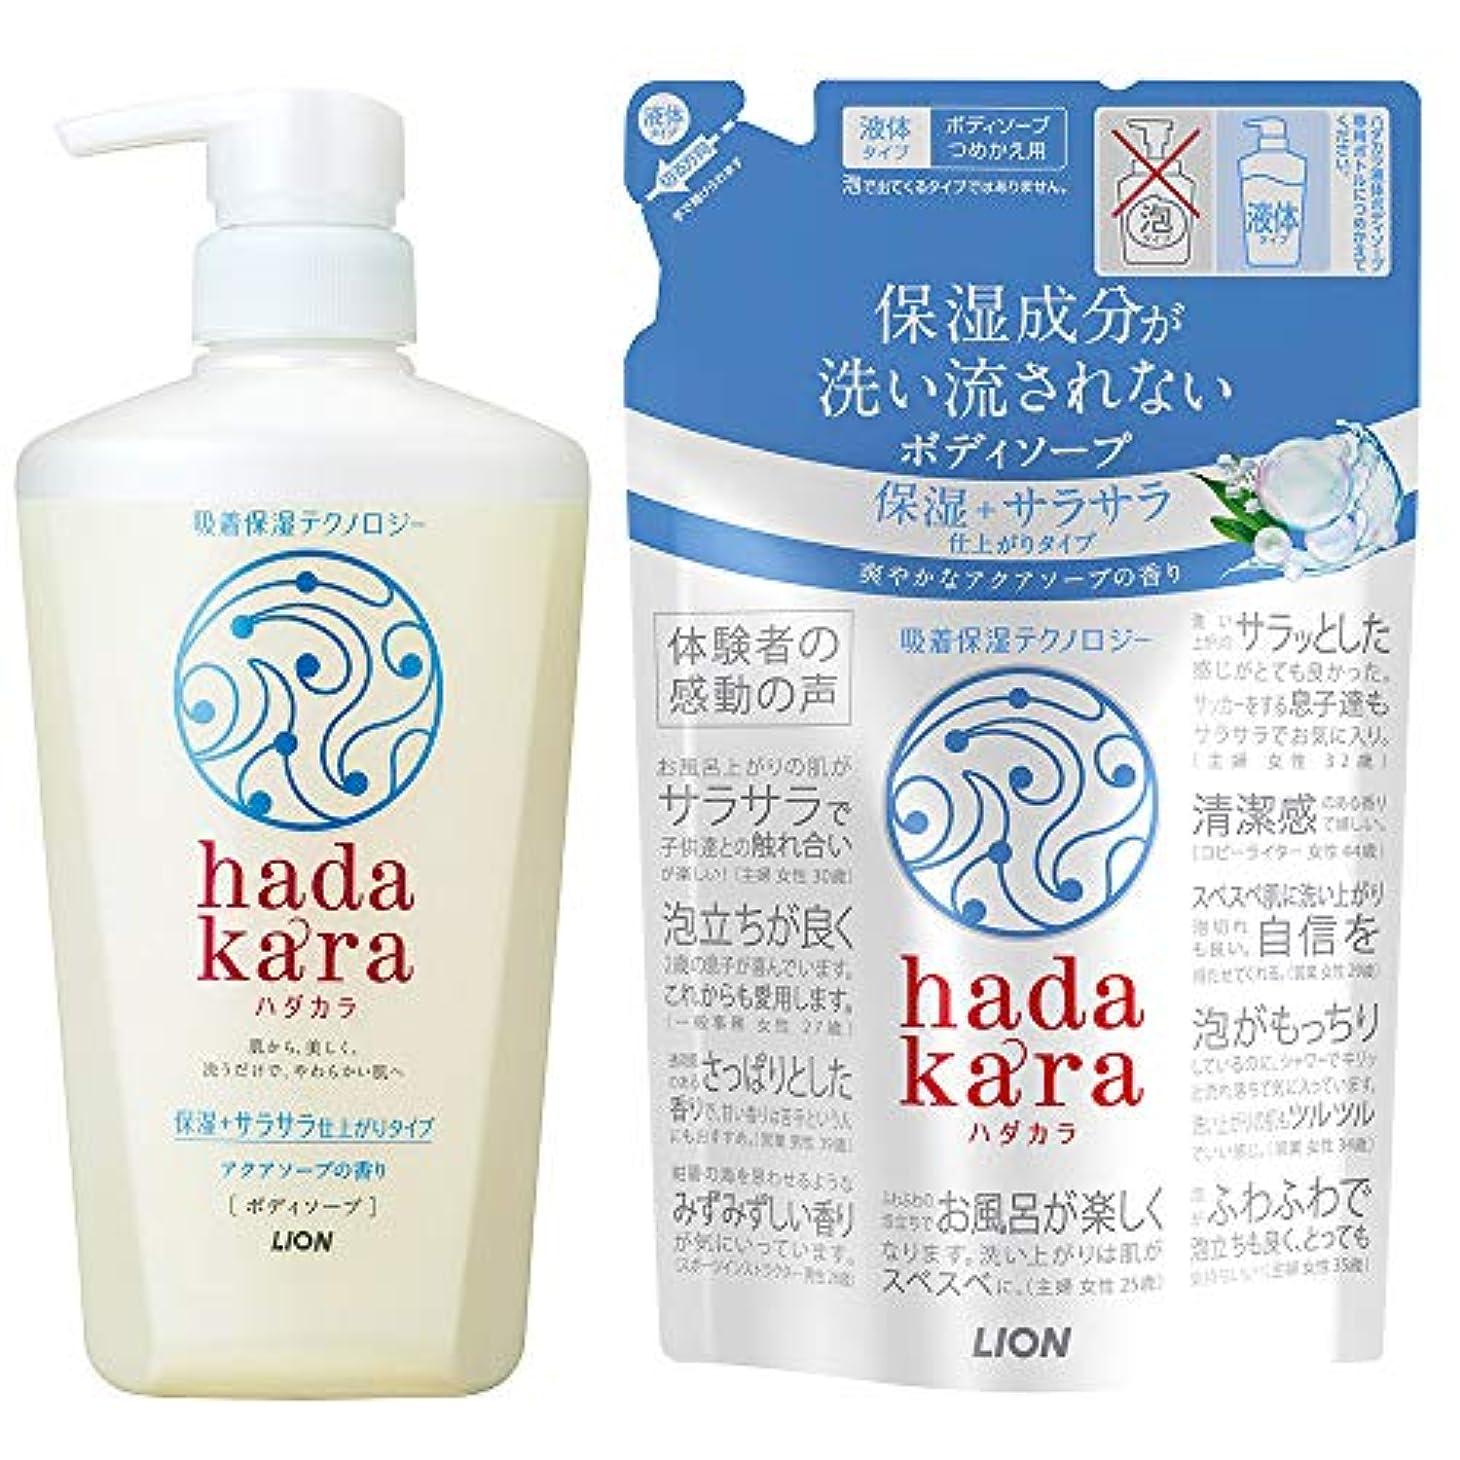 付き添い人ビーズ一生hadakara(ハダカラ)ボディソープ 保湿+サラサラ仕上がりタイプ アクアソープの香り 本体 480ml + つめかえ 340ml